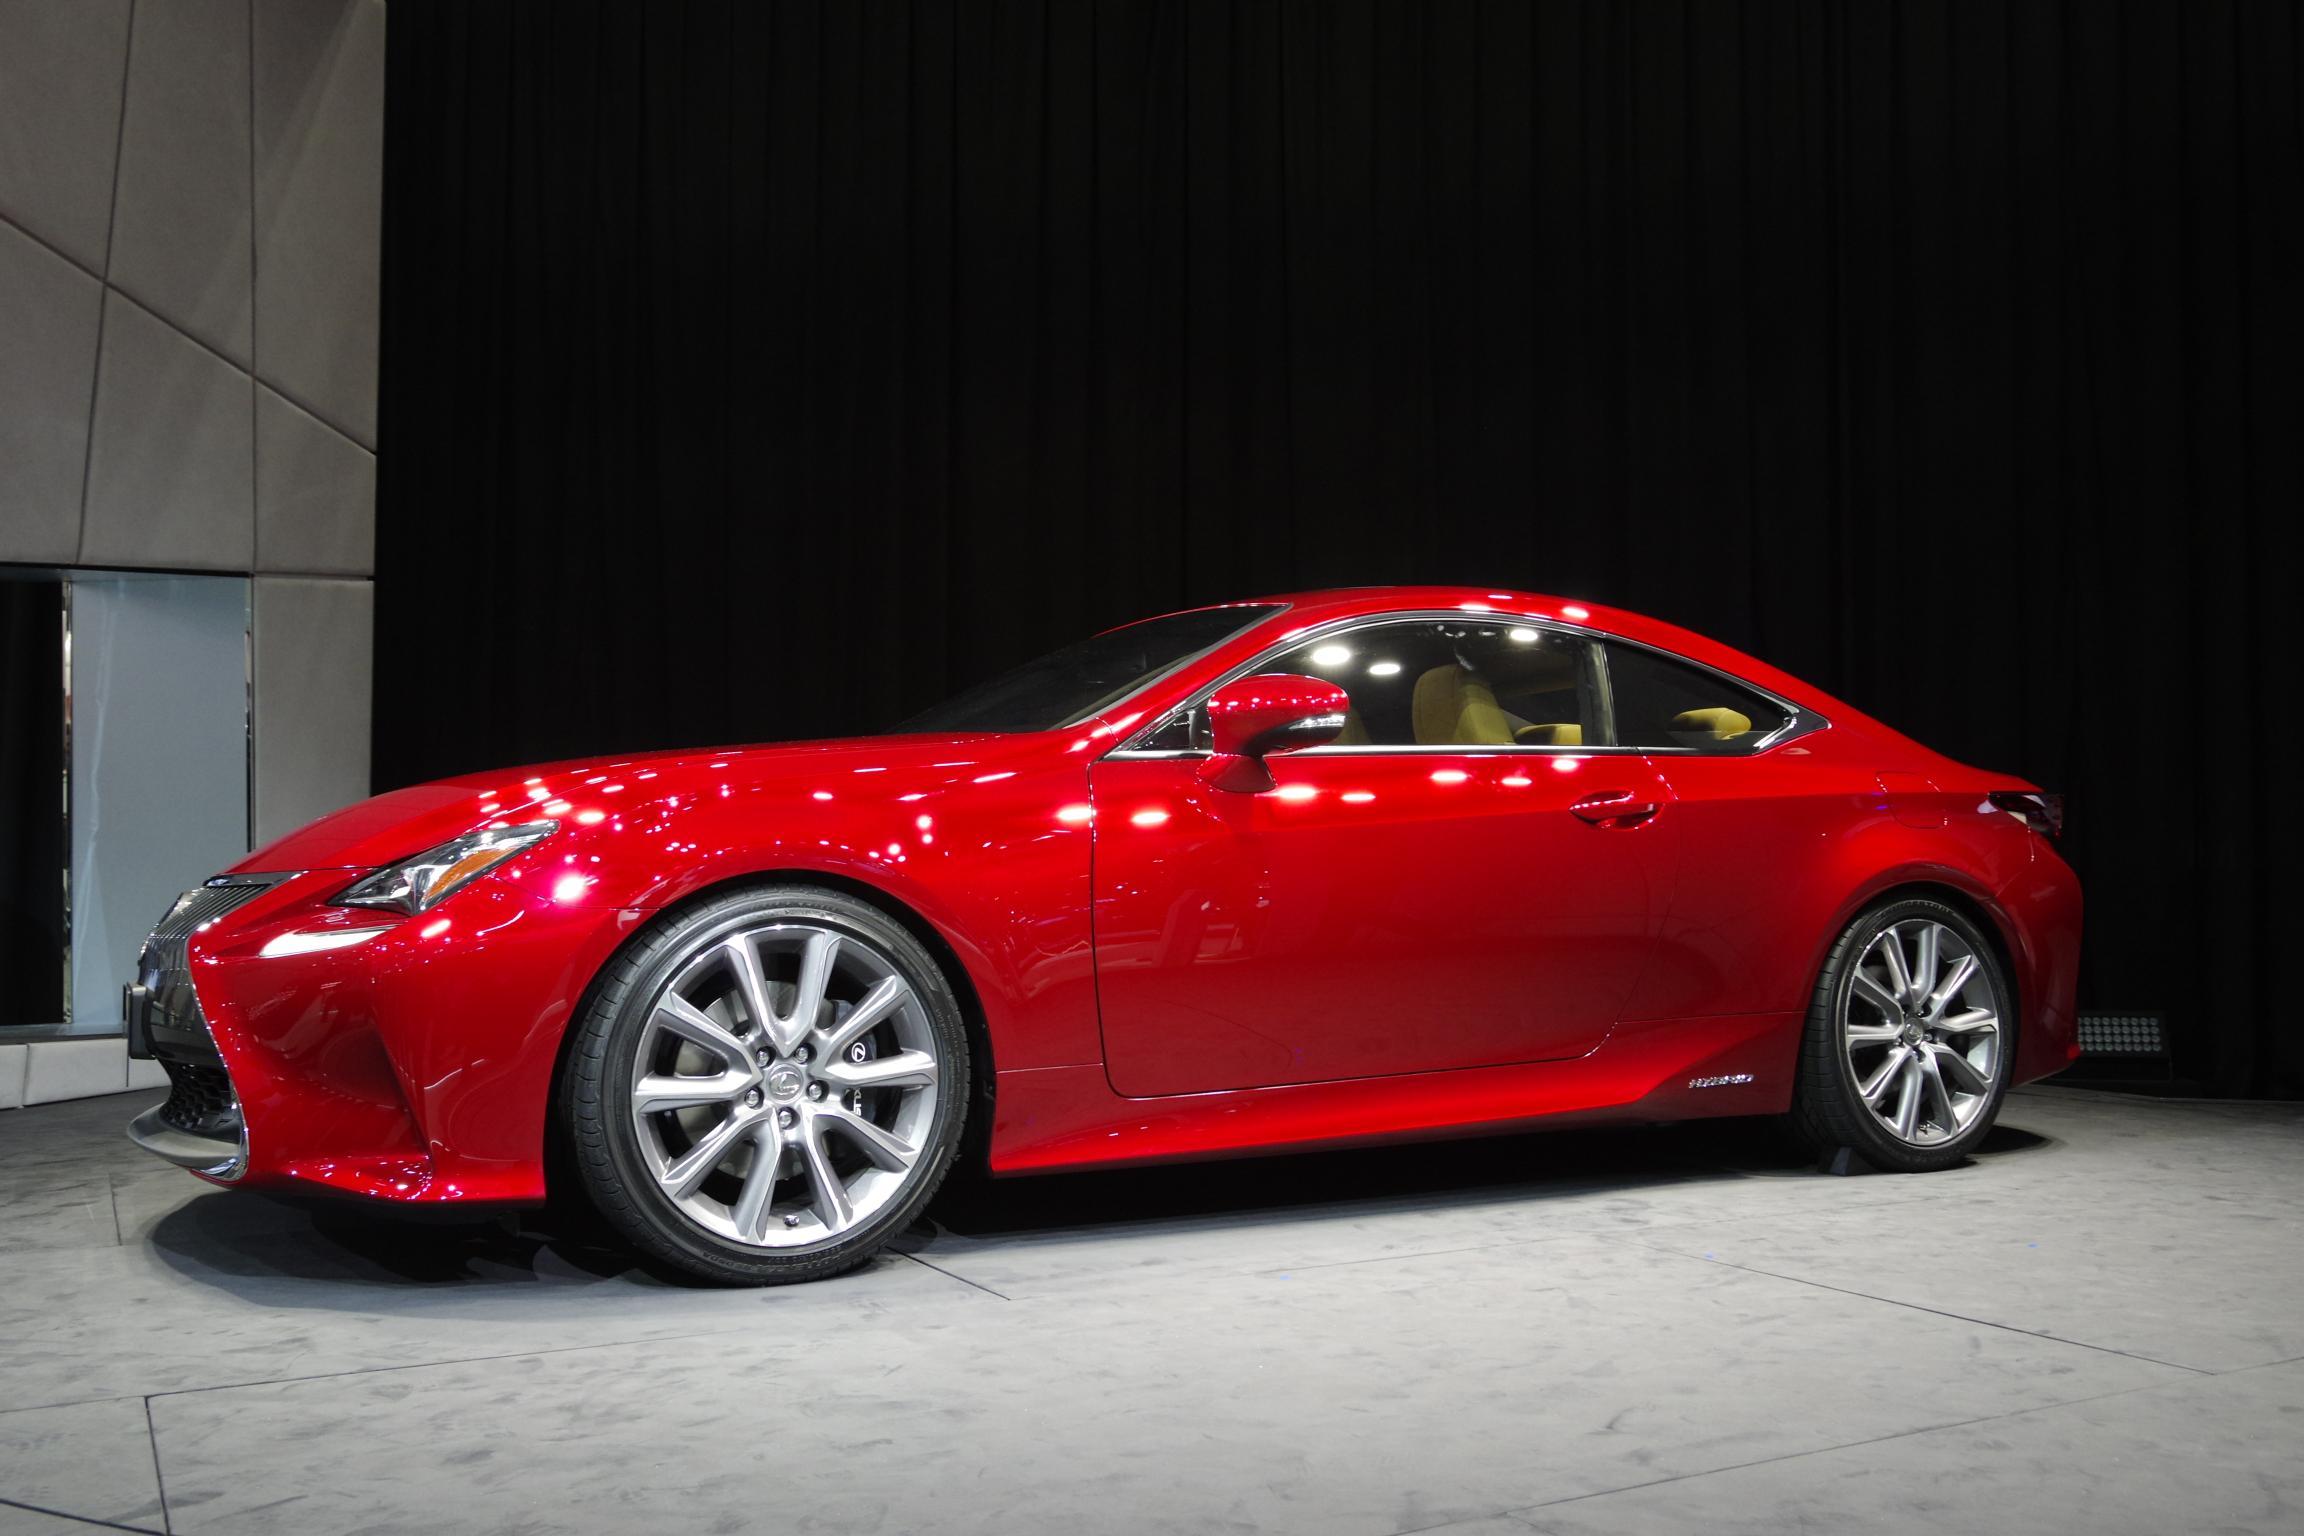 Salon de Tokyo 2013 - Lexus RC 300h